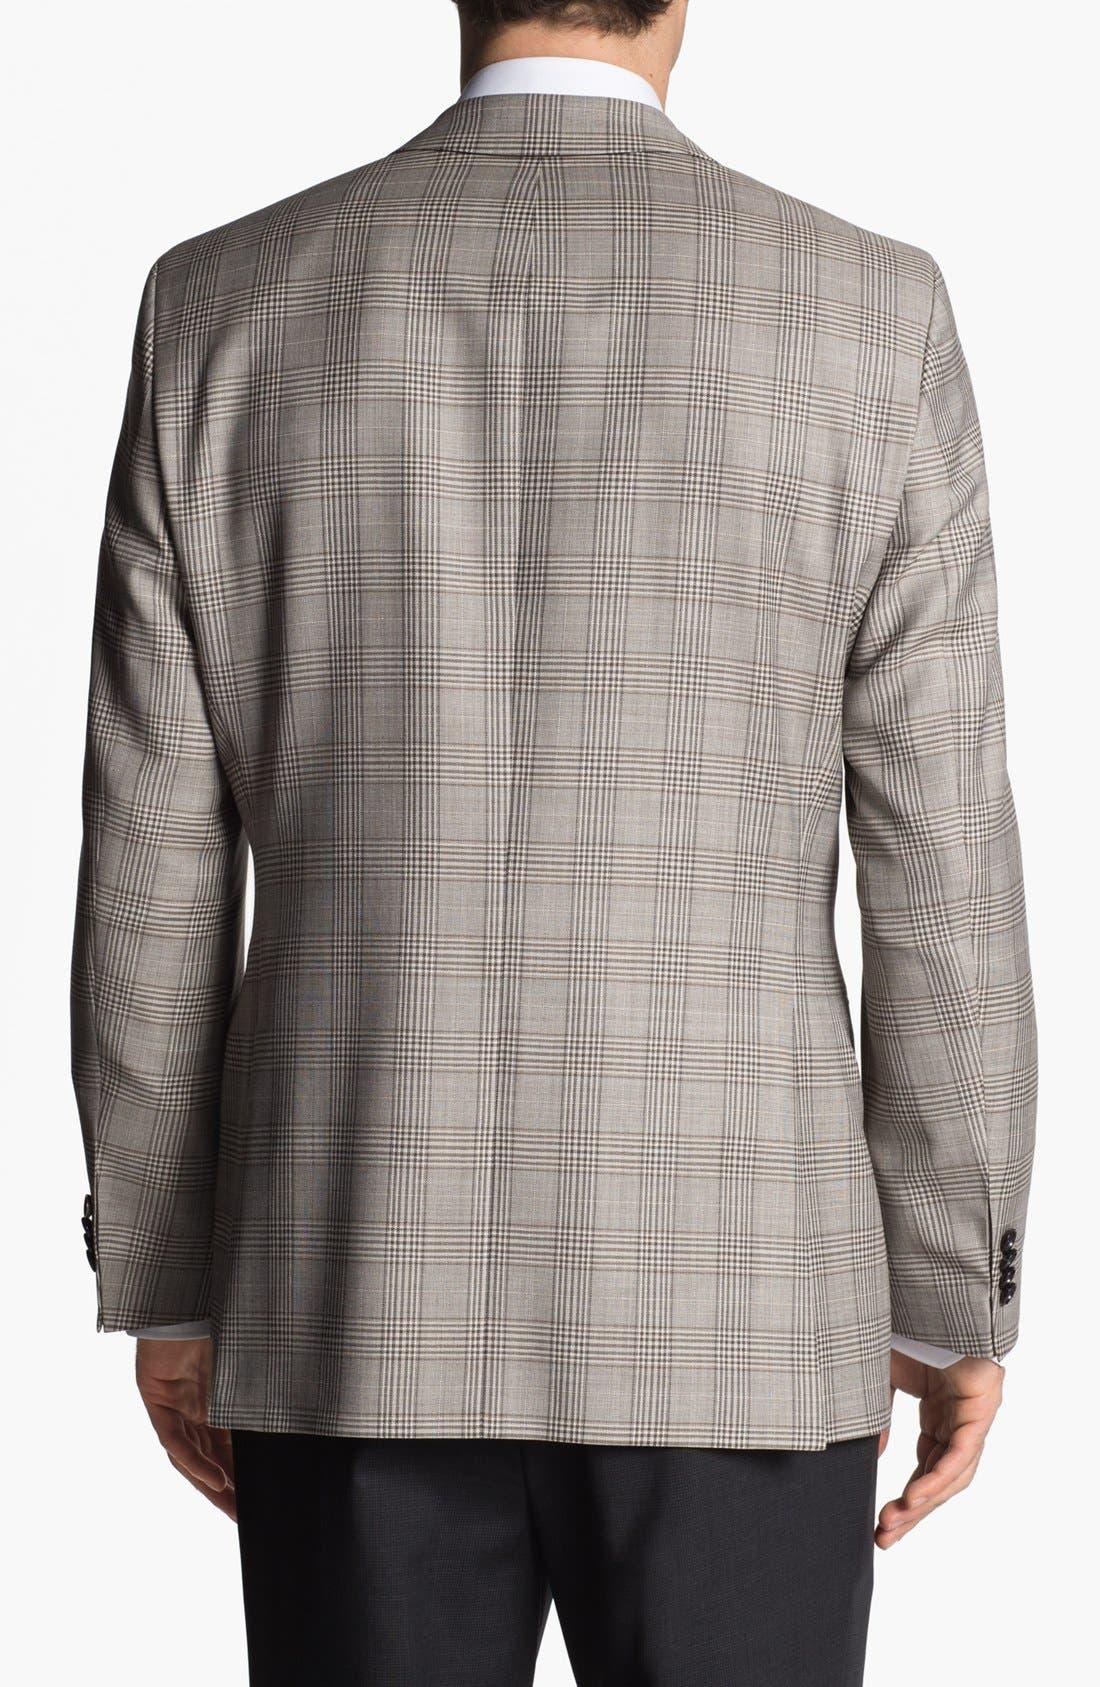 Alternate Image 3  - BOSS HUGO BOSS 'Pasini' Glen Plaid Sportcoat